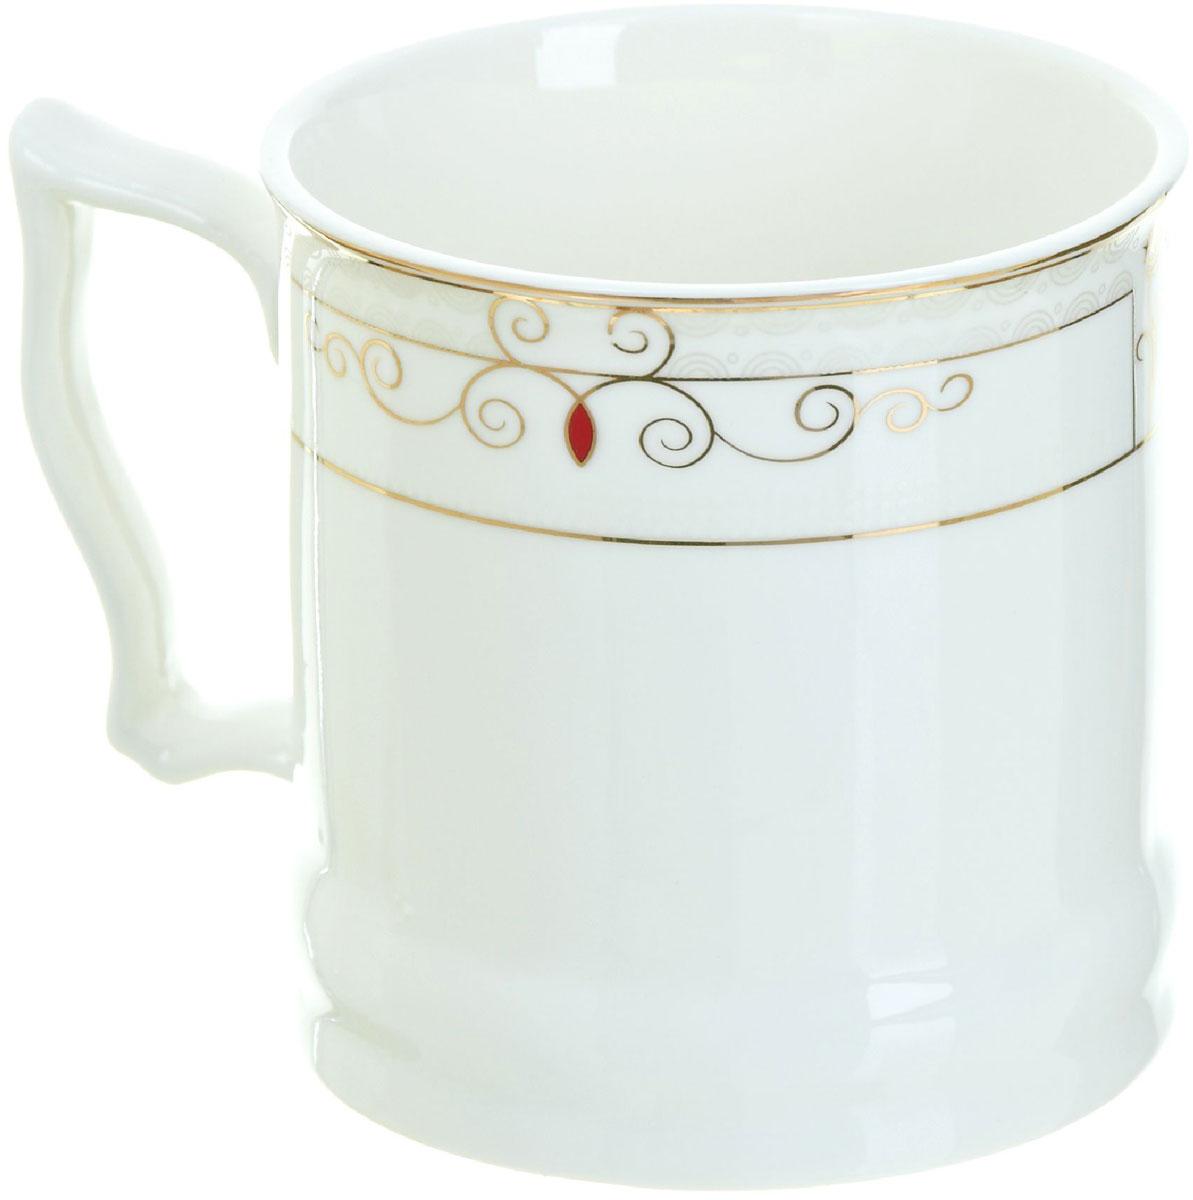 Кружка BHP Королевская кружка, 500 мл. 187000354 009312Оригинальная кружка Best Home Porcelain, выполненная из высококачественного фарфора, сочетает в себе простой, утонченный дизайн с максимальной функциональностью. Оригинальность оформления придутся по вкусу тем, кто ценит индивидуальность.Можно использовать в посудомоечной машине.